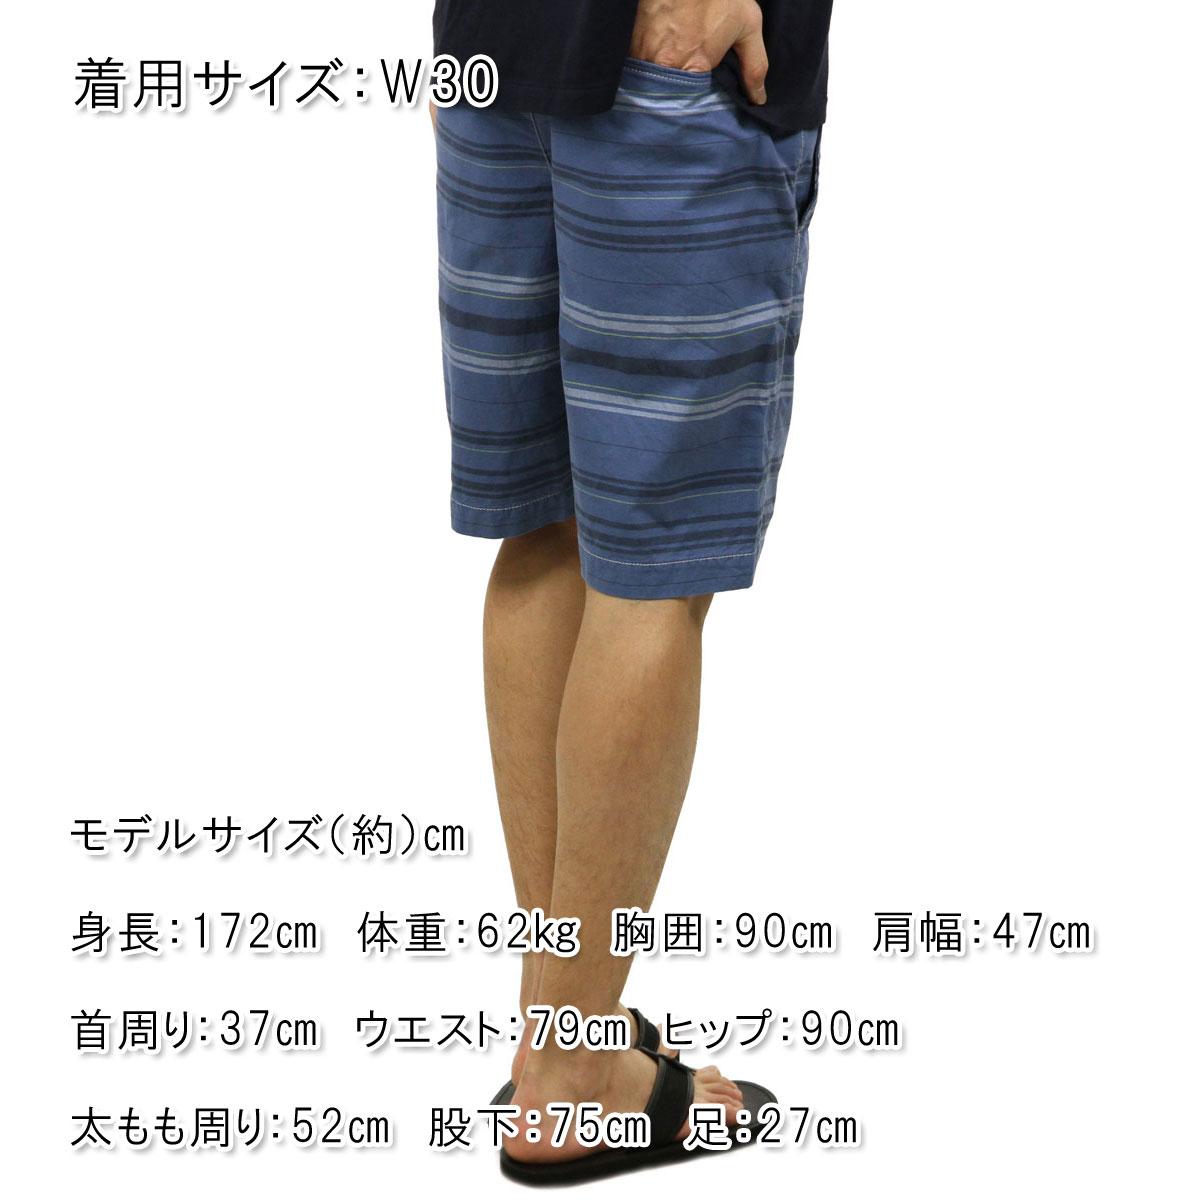 アメリカンイーグル AMERICAN EAGLE 正規品 メンズ ショートパンツ AE PREP LENGTH STRIPED SHORT 1131-5823 BLUE